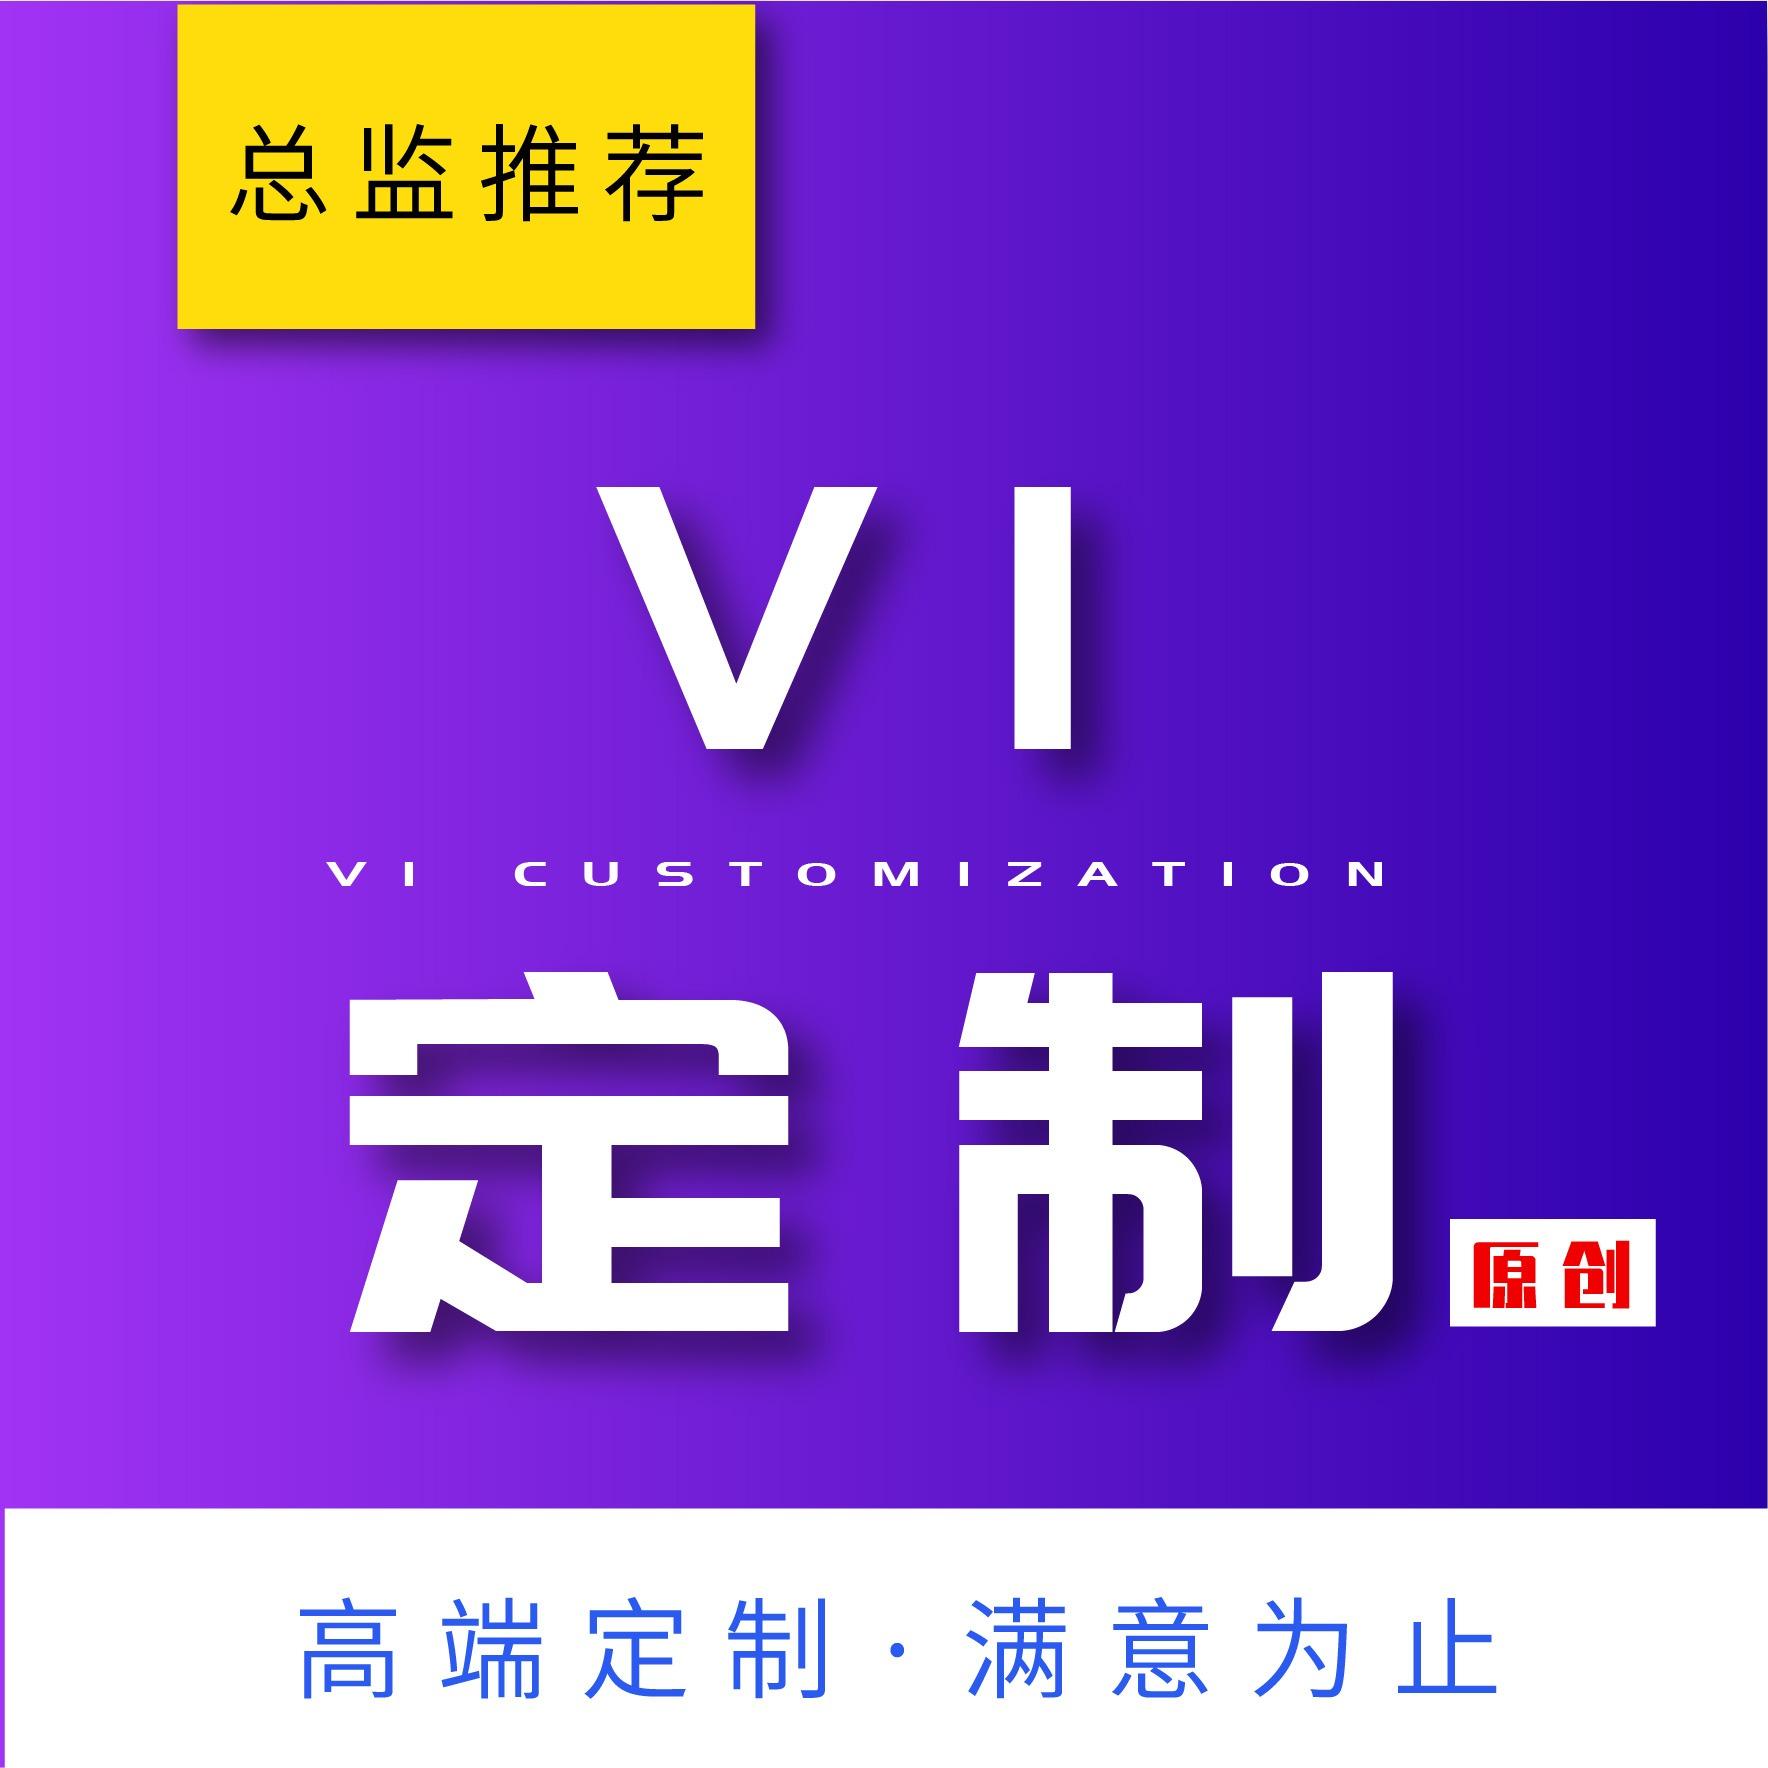 餐饮娱乐旅游休闲科教文卫医药健康银行金融房产 VI 系统规范 设计